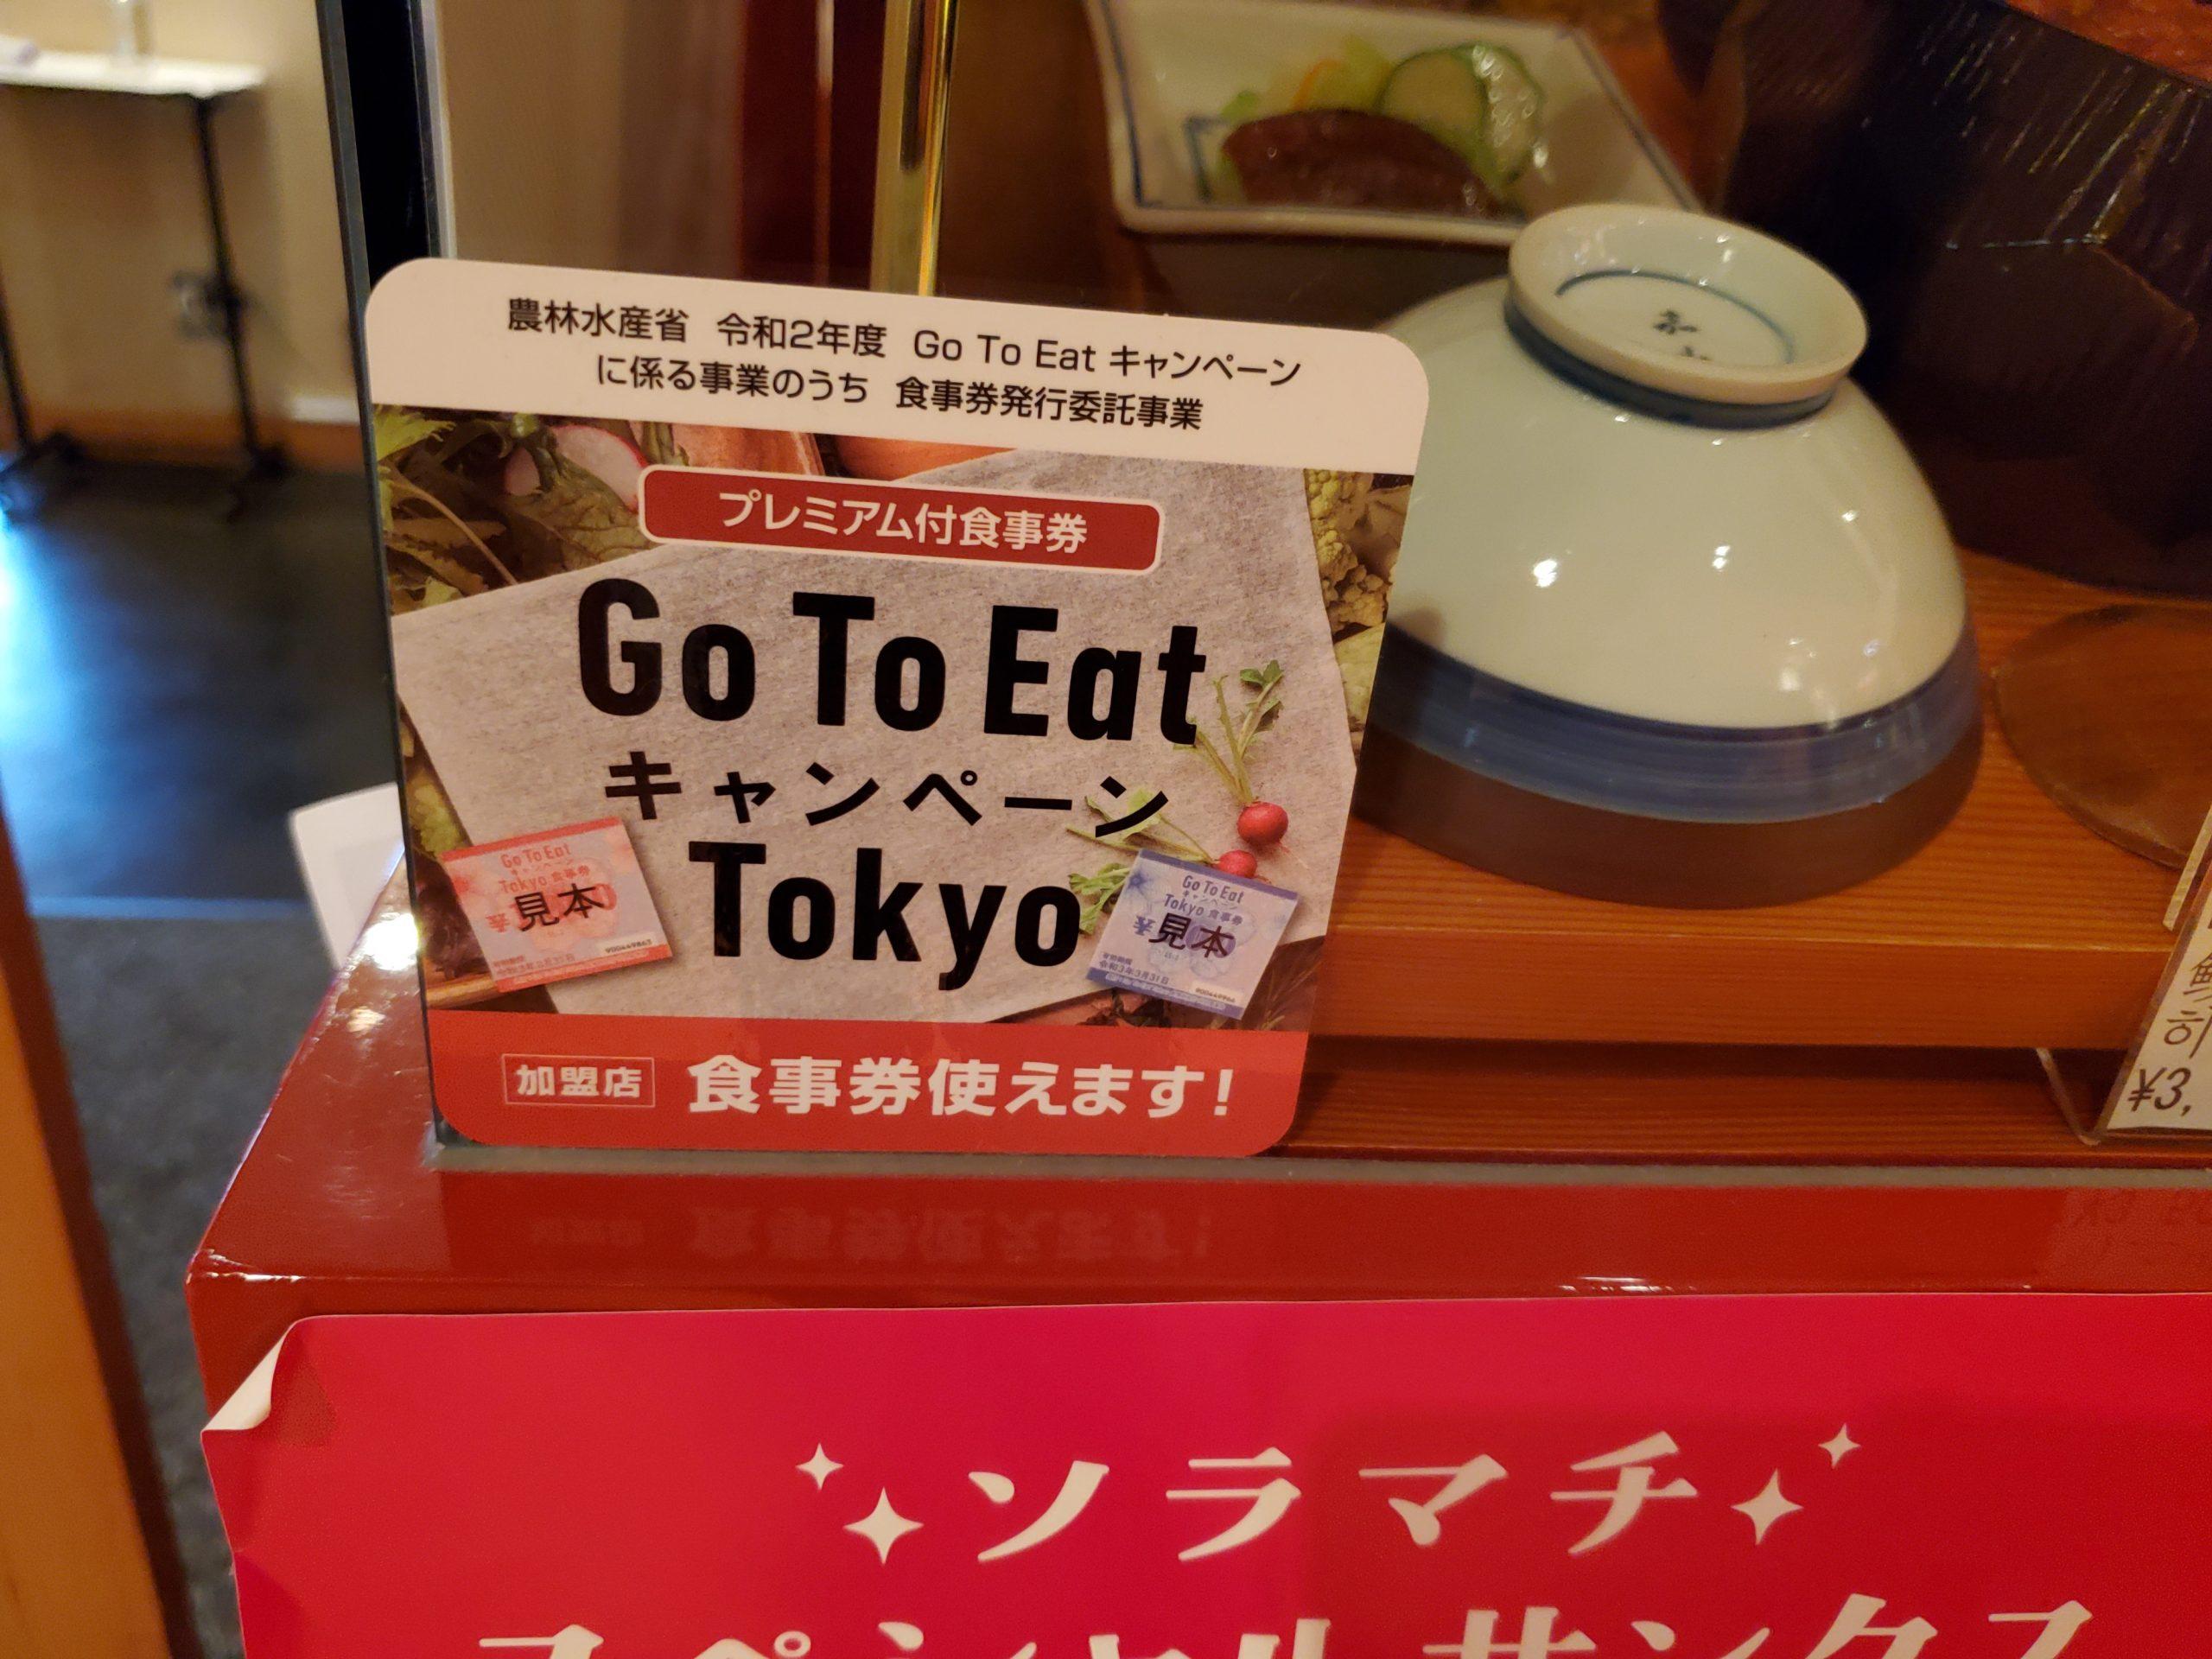 食事 券 goto 東京